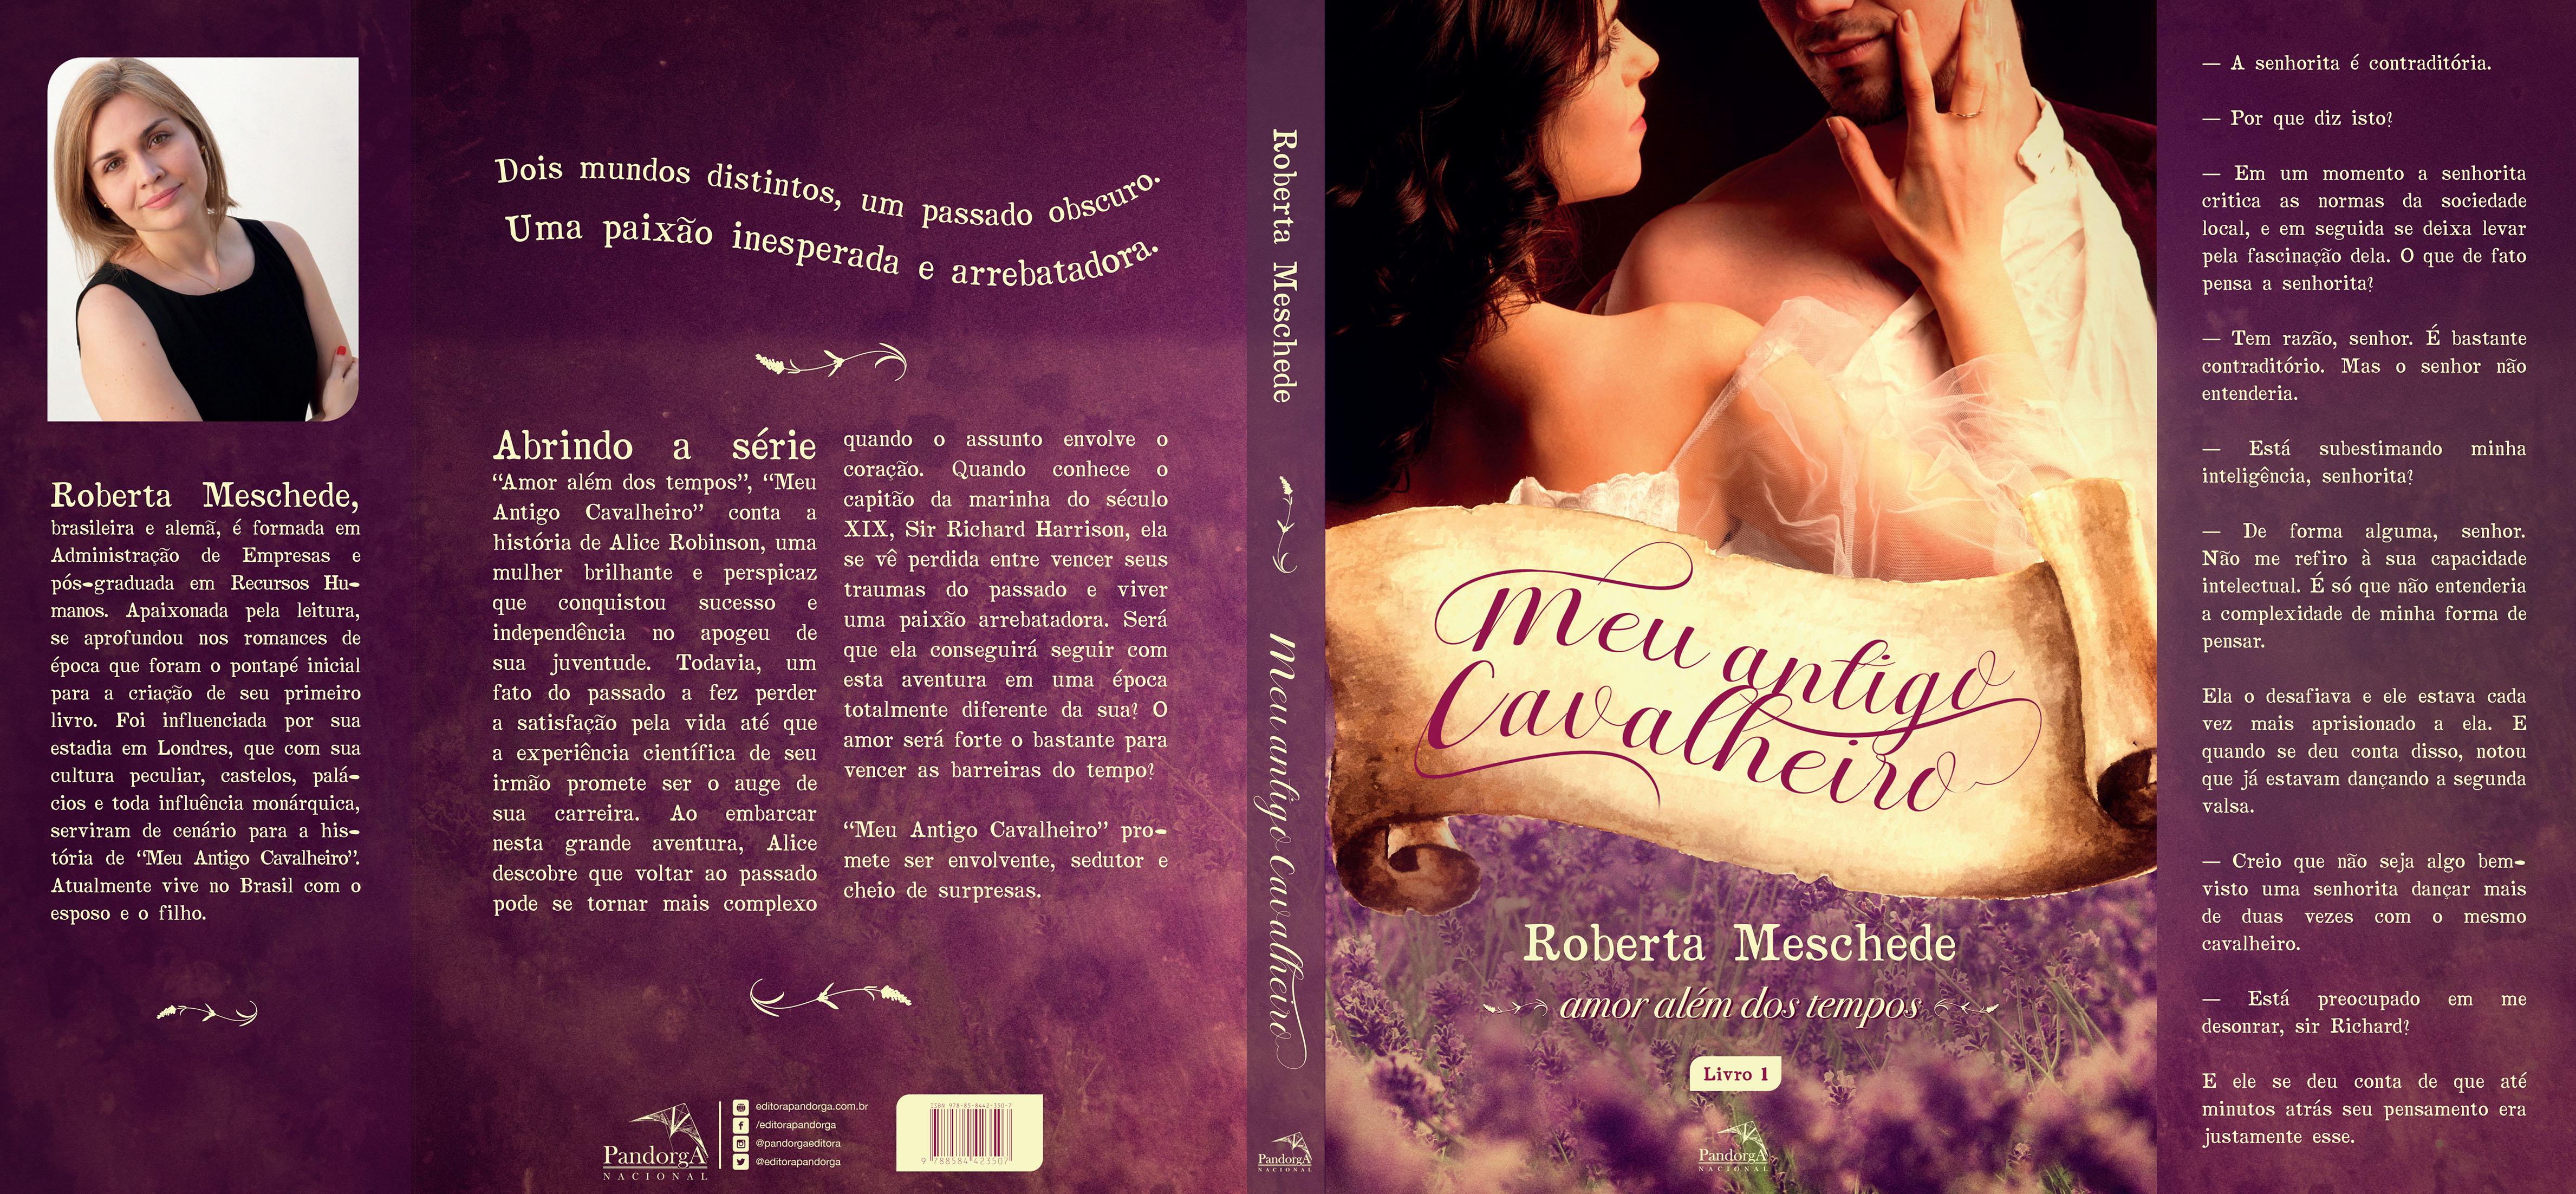 Meu antigo cavalheiro - Roberta Meschede